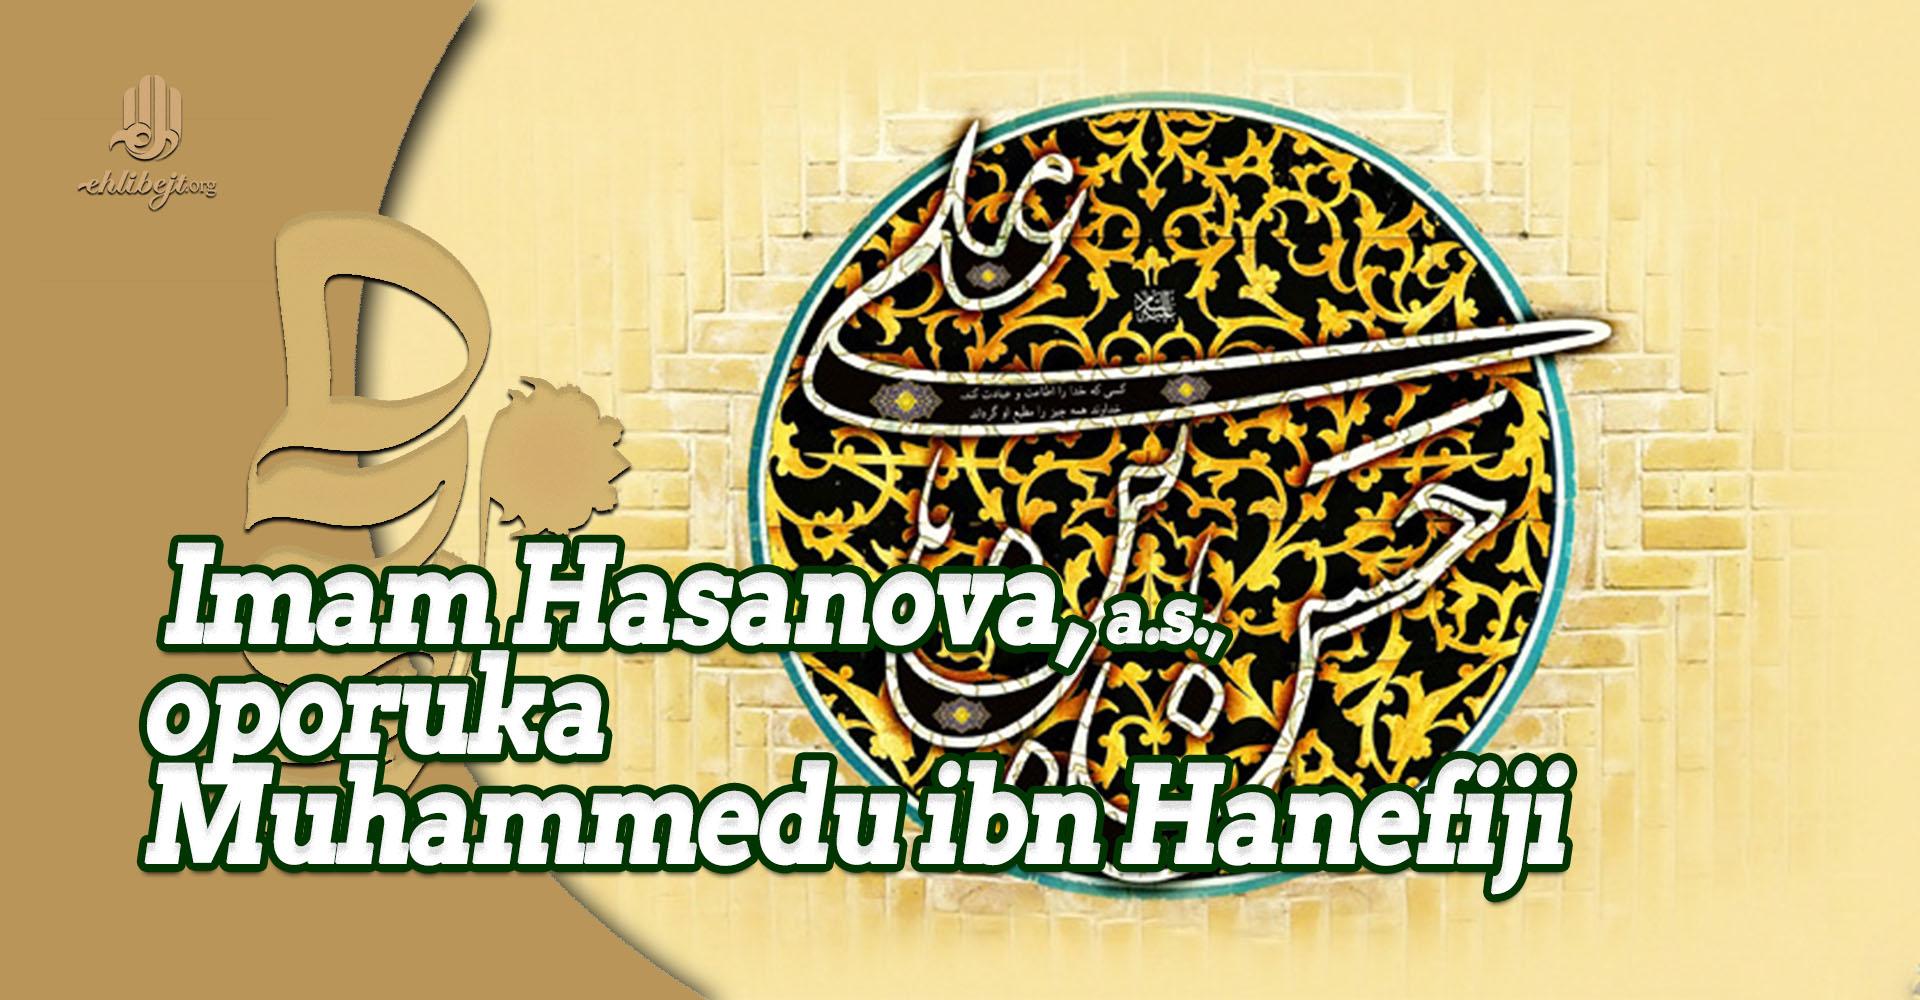 Imam Hasanova, a.s., oporuka Muhammedu ibn Hanefiji